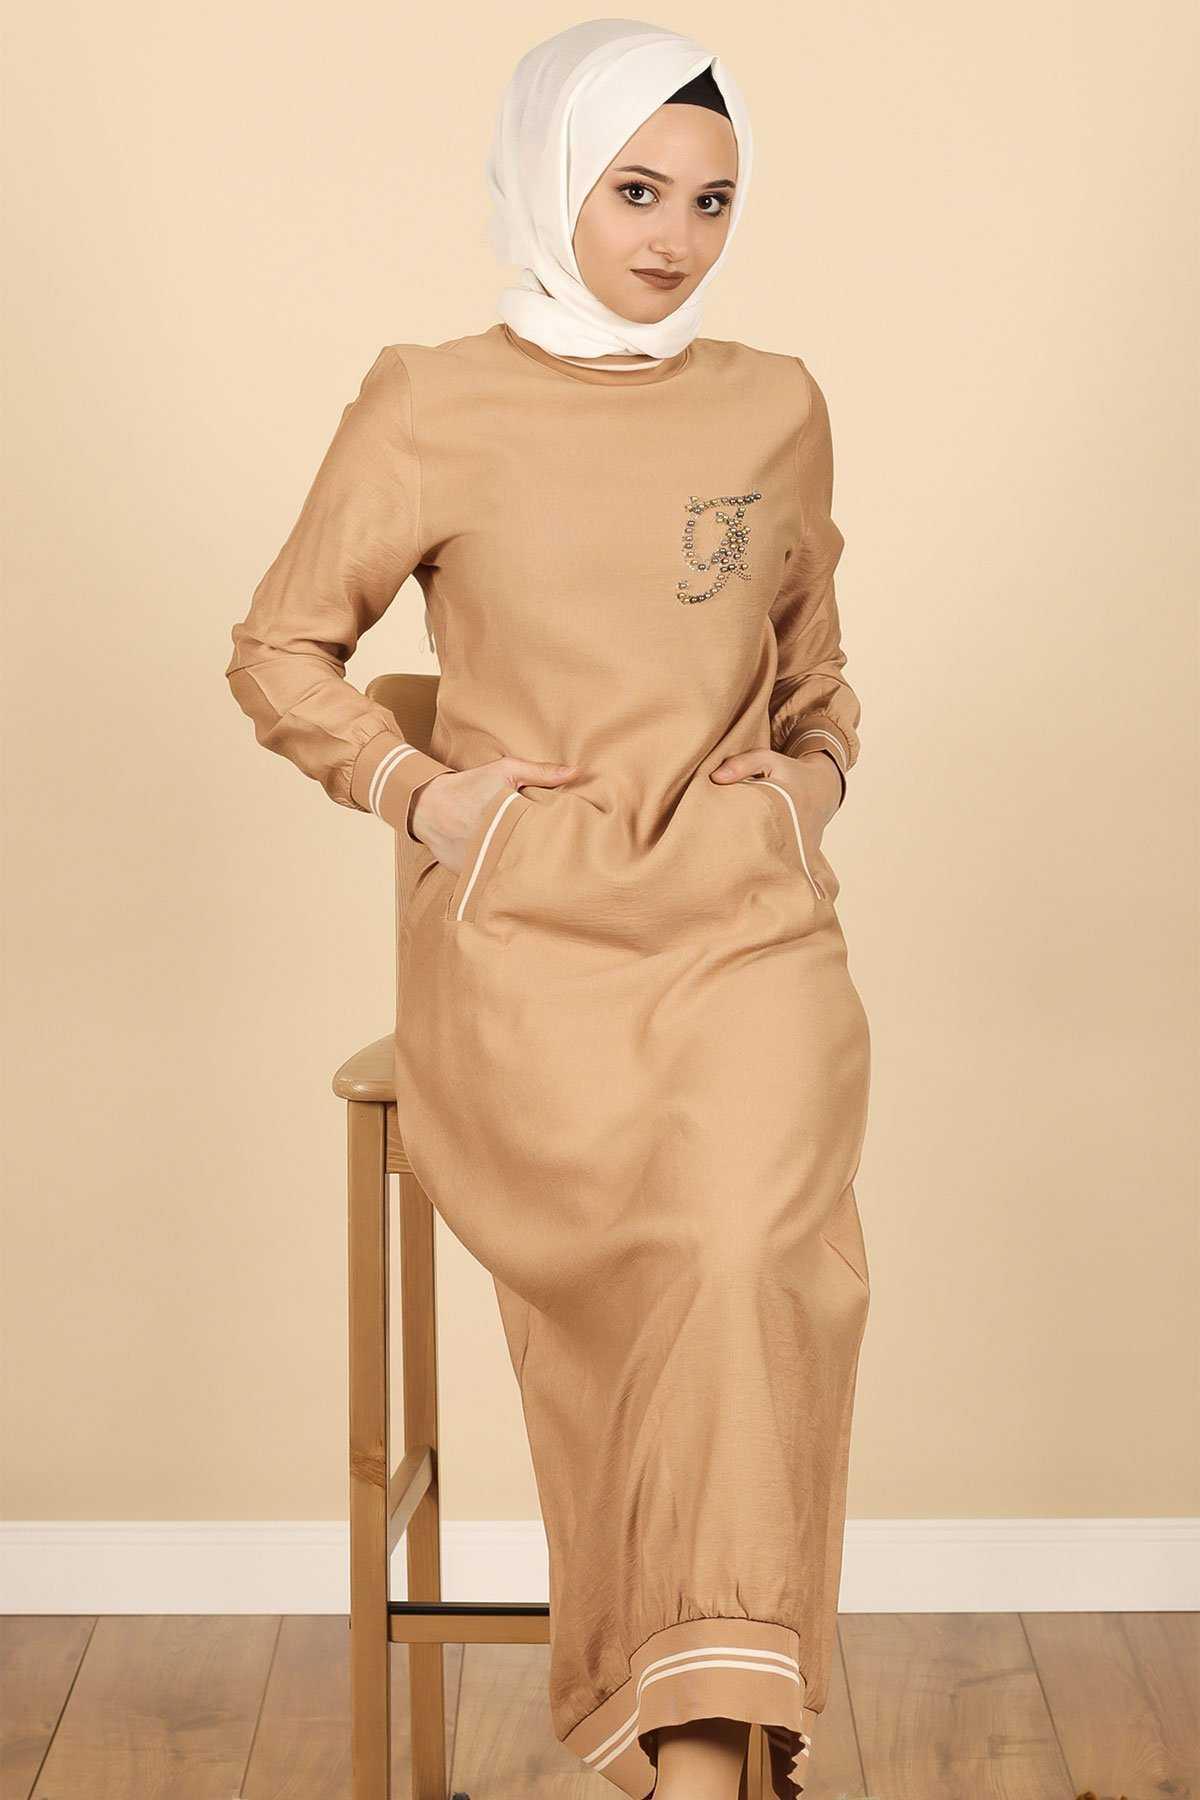 Nimoda Tesettür Ayrobin Spor Elbise Modelleri